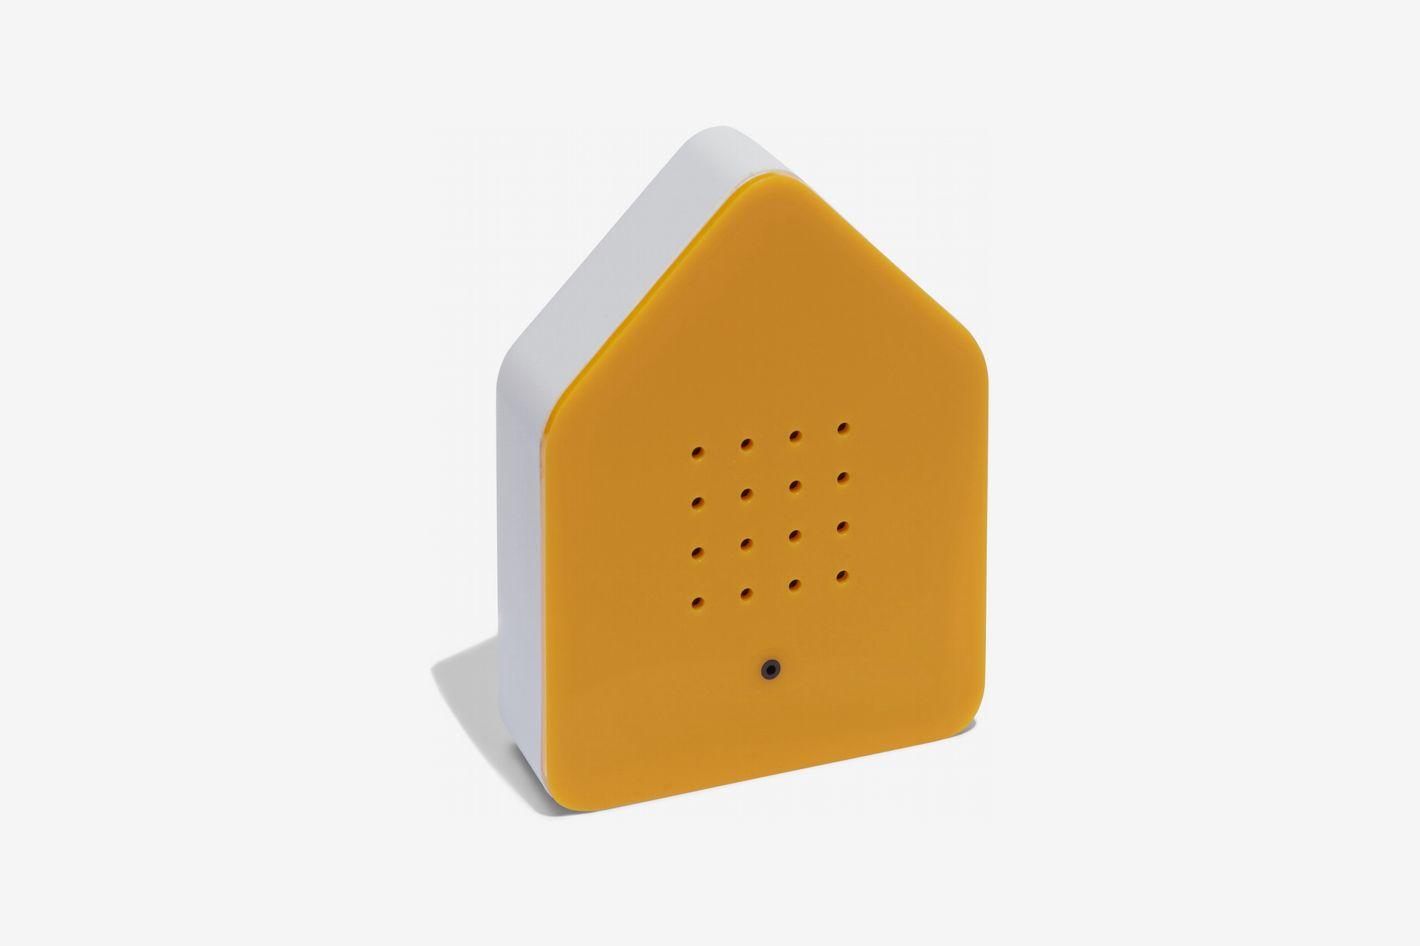 Zwitscher Box Ambient Bird Chirp Sound Box